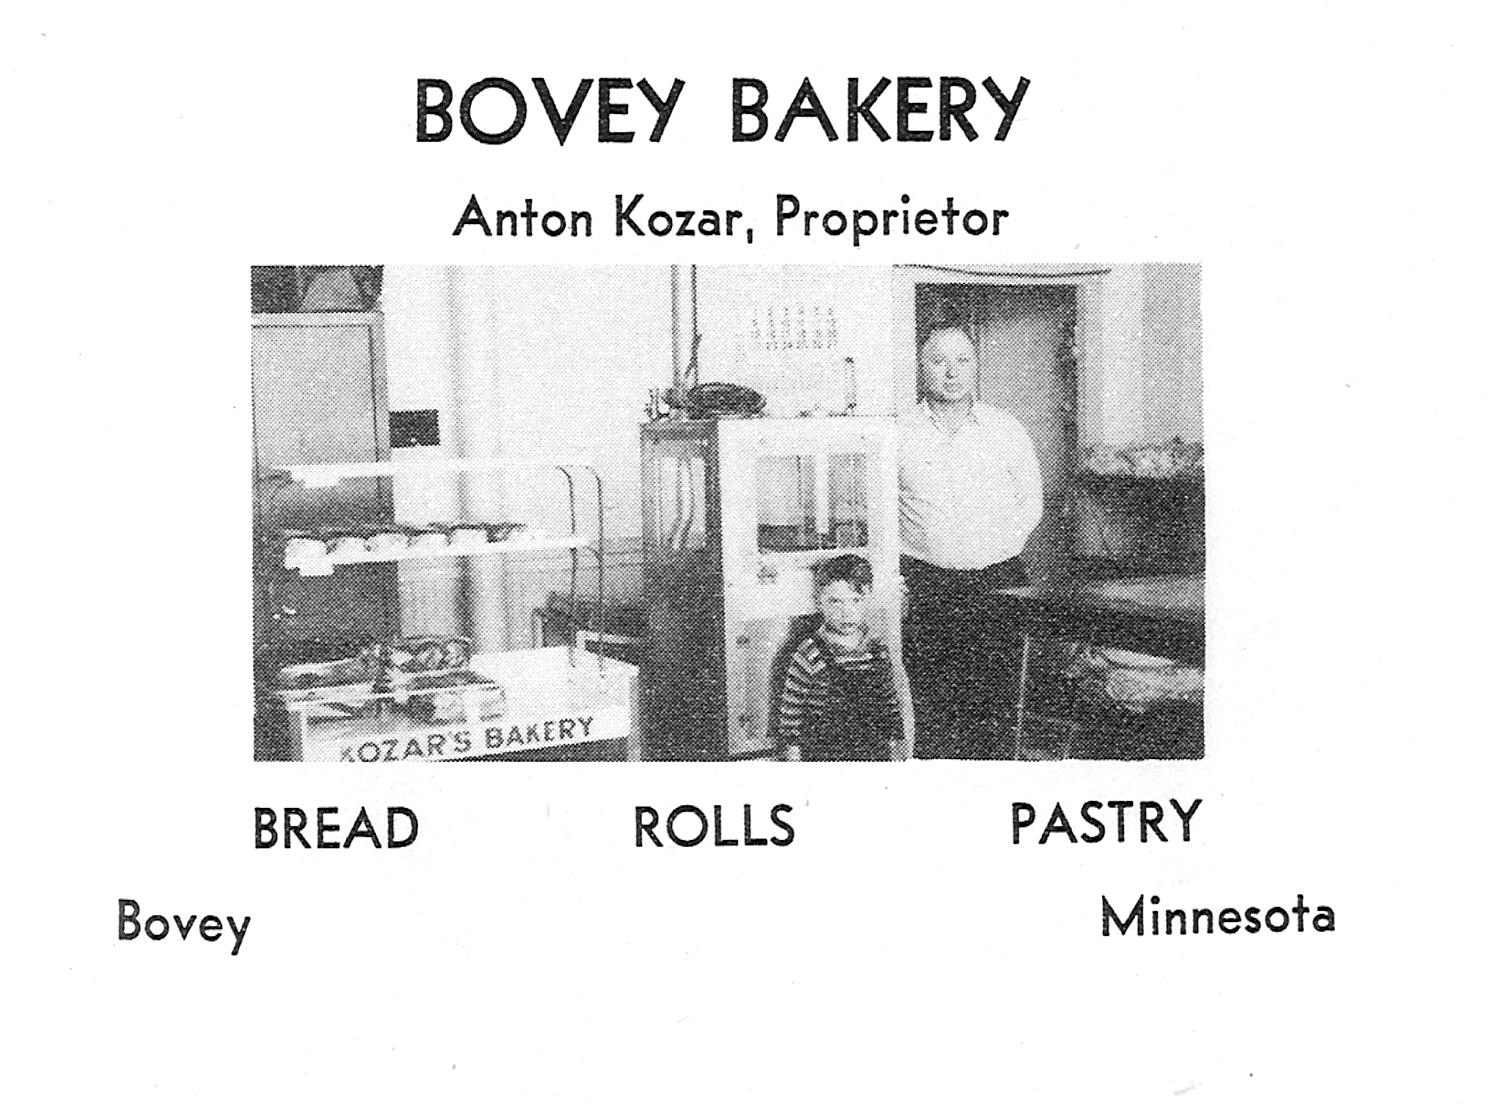 Bovey Bakery